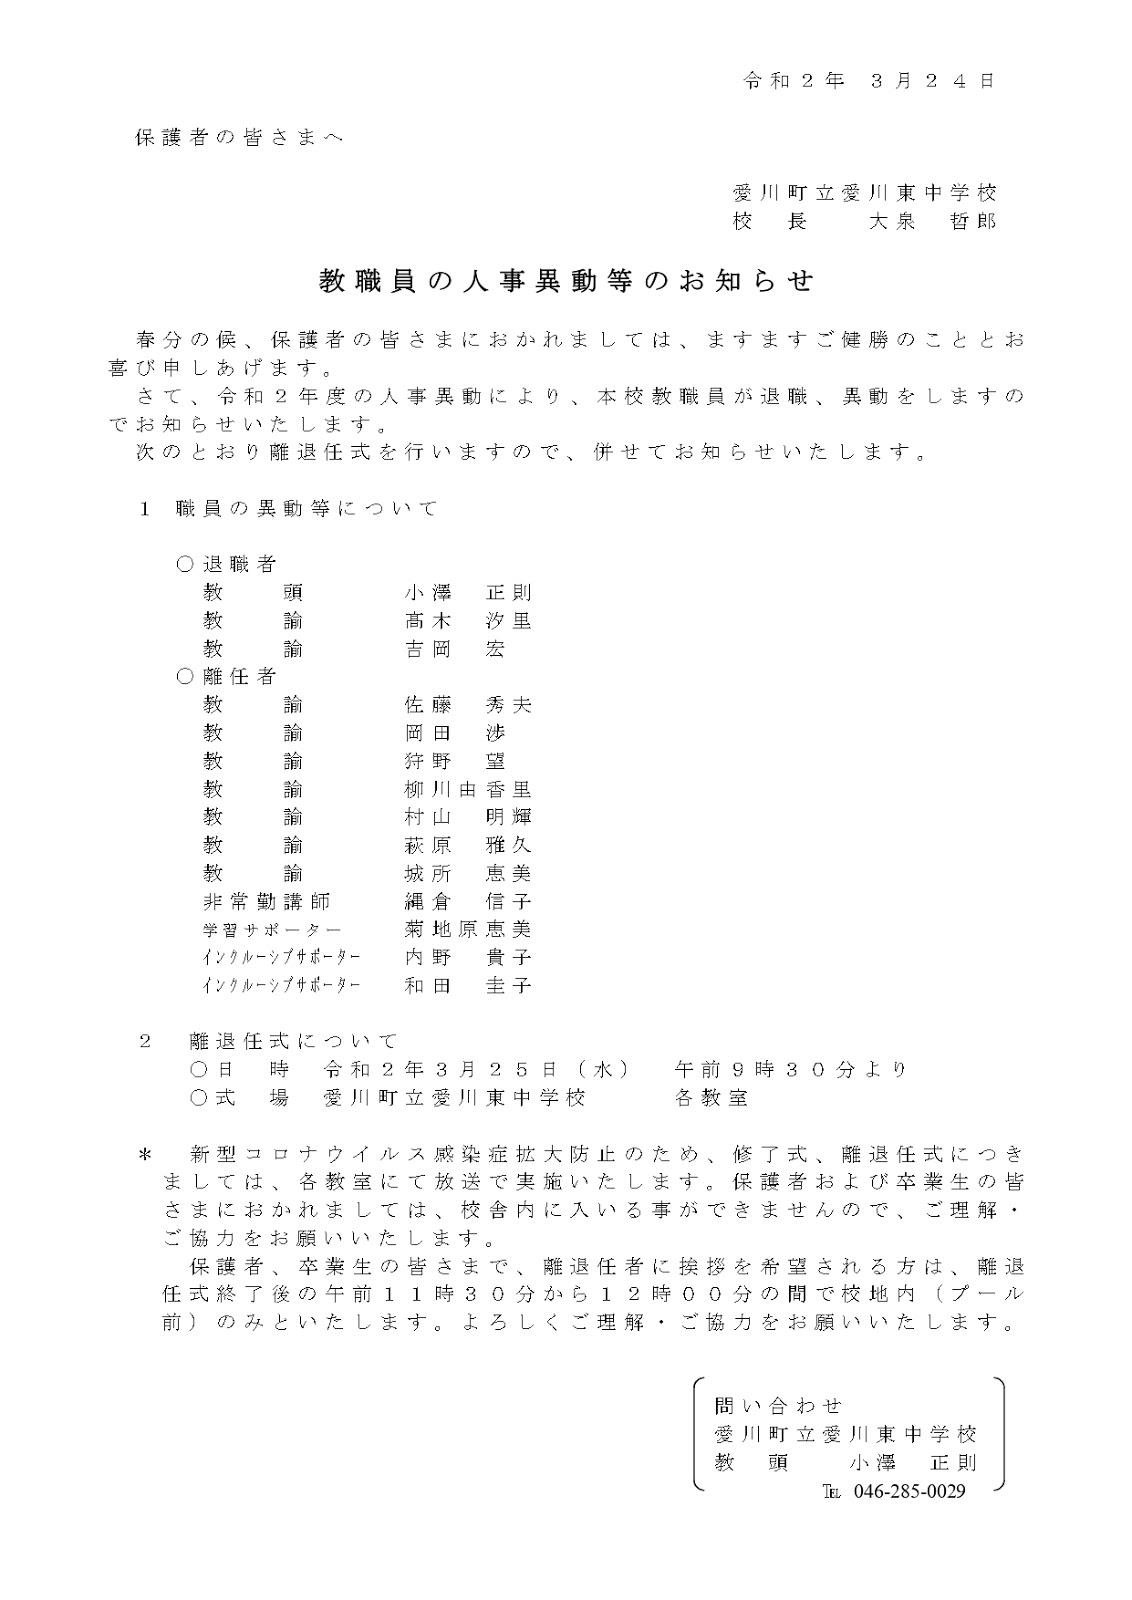 埼玉 県 教員 異動